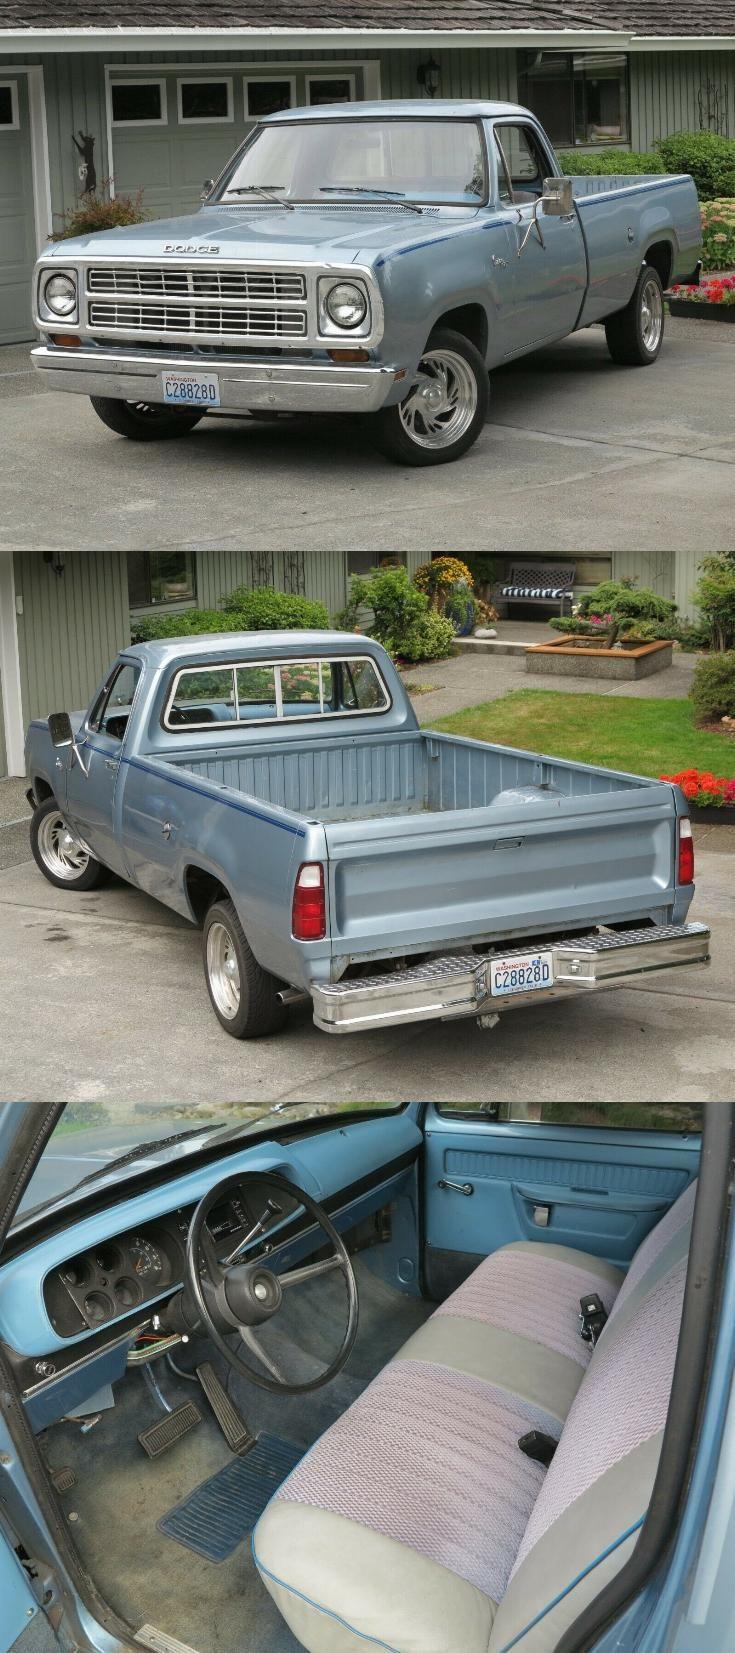 Dodge D150 For Sale Craigslist : dodge, craigslist, Daily, Driver, Dodge, Custom, Pickup, Trucks, Sale,, Dodge,, Vintage